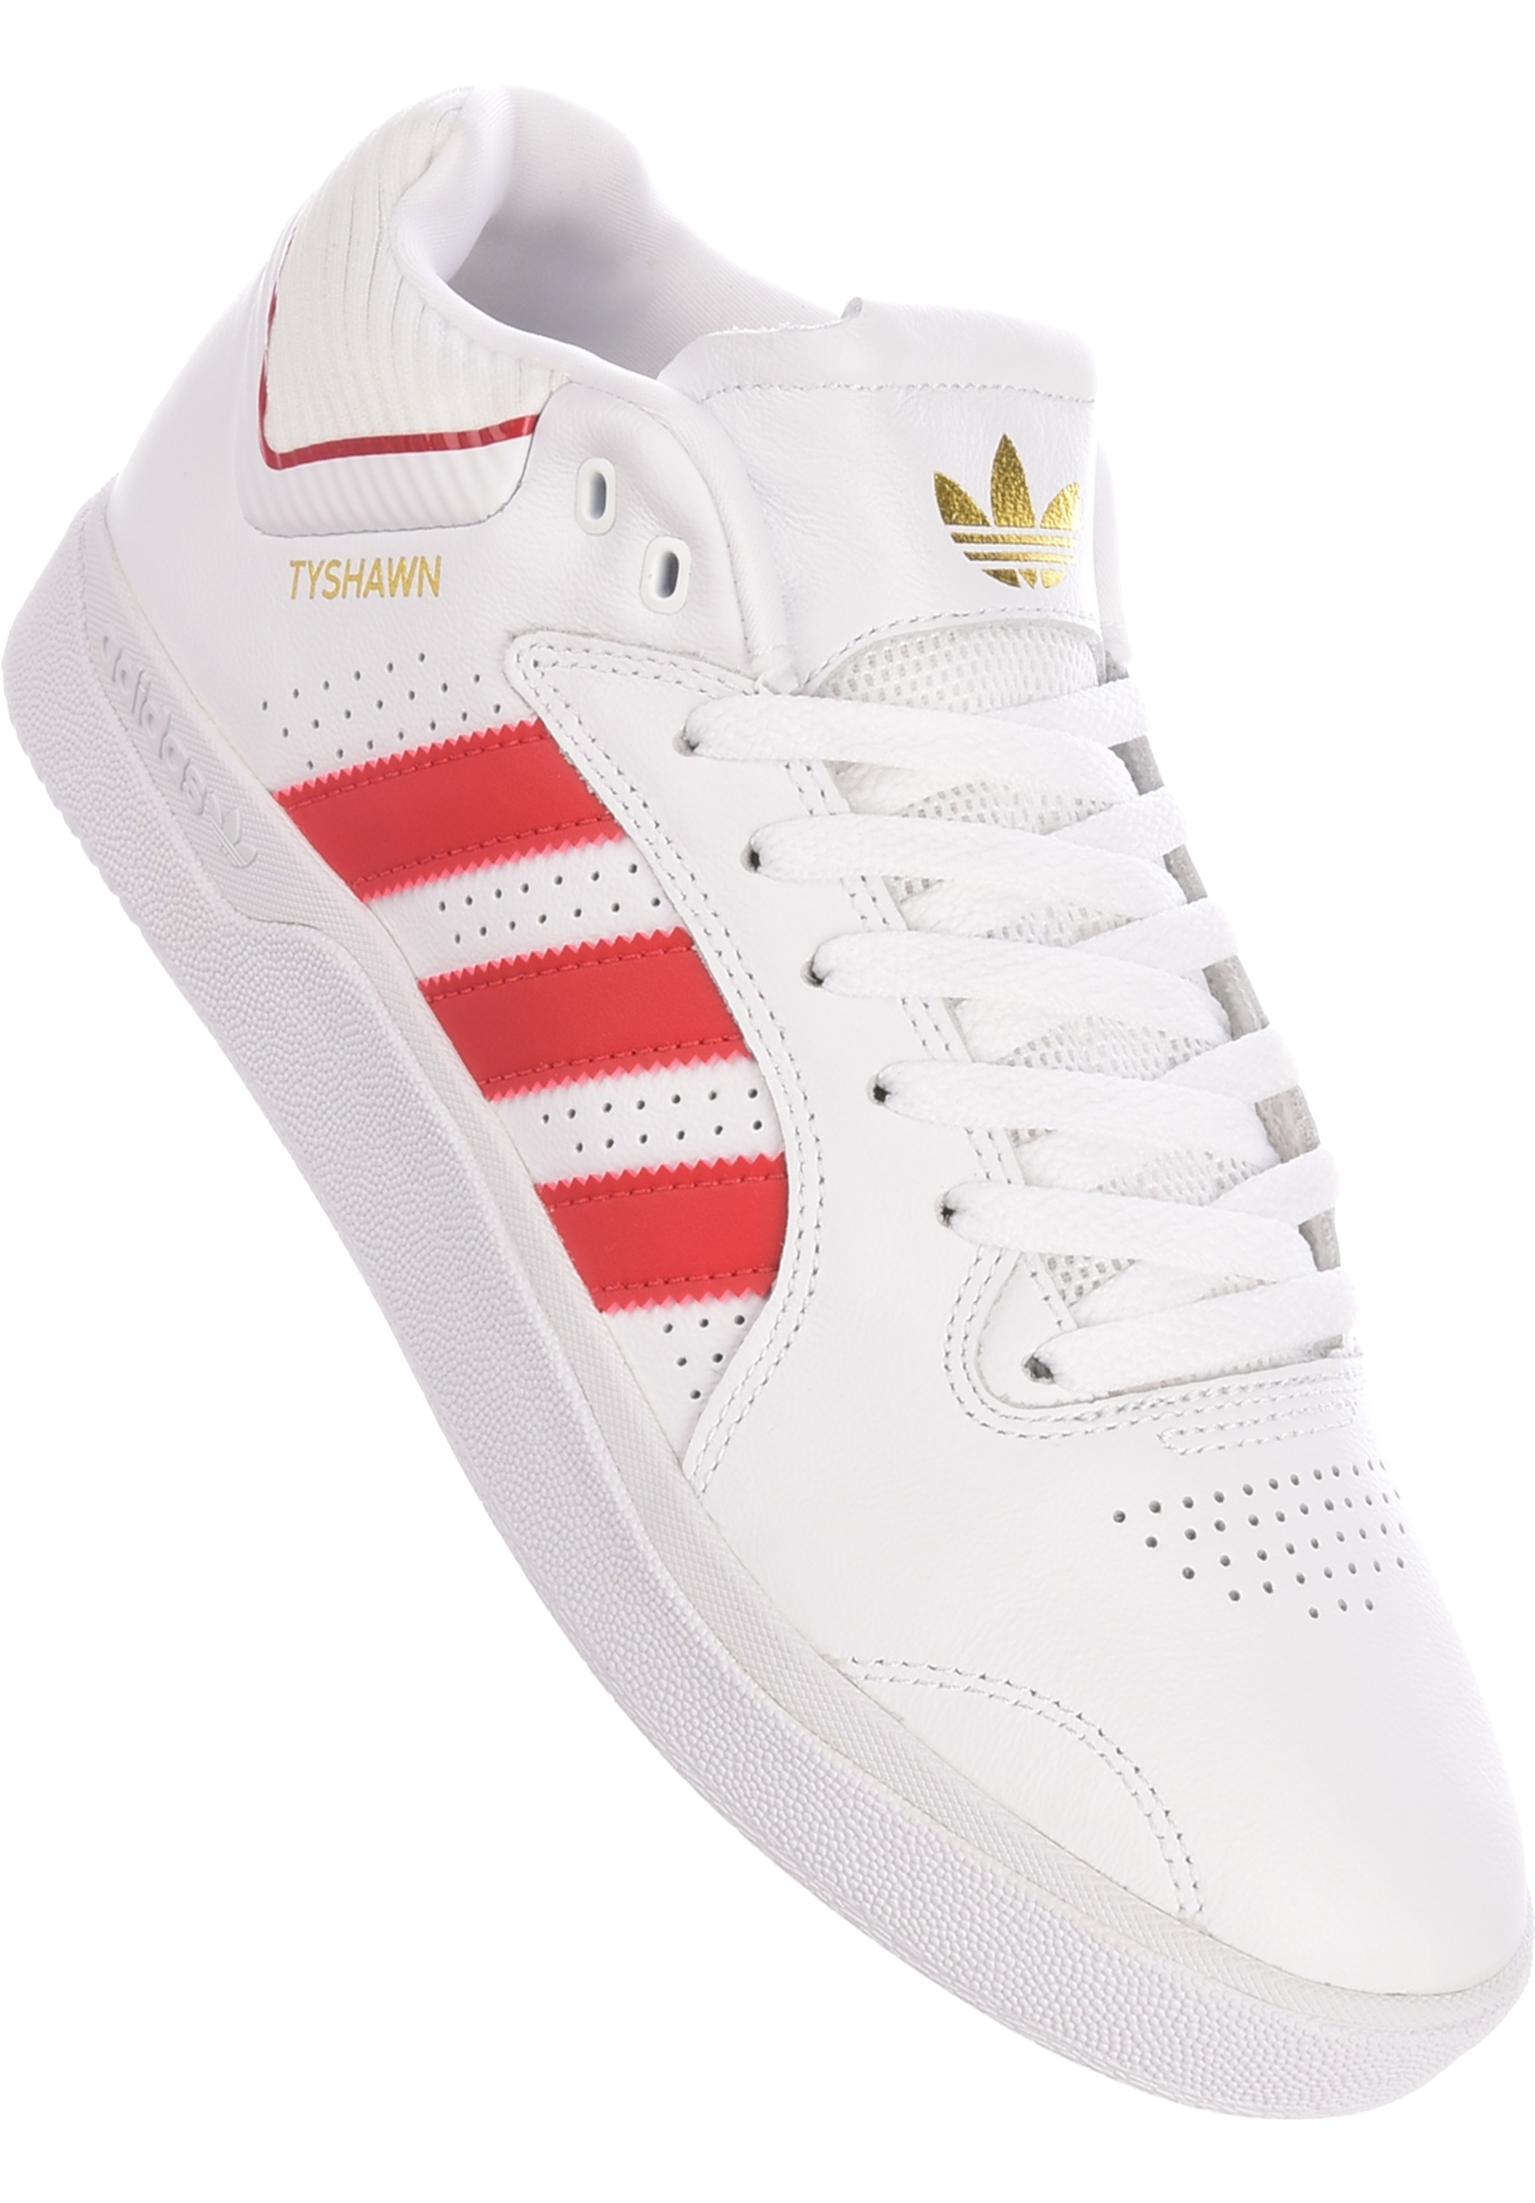 Adidas Schuhe Glow In The Dark Große Zunge Adidas Glow In